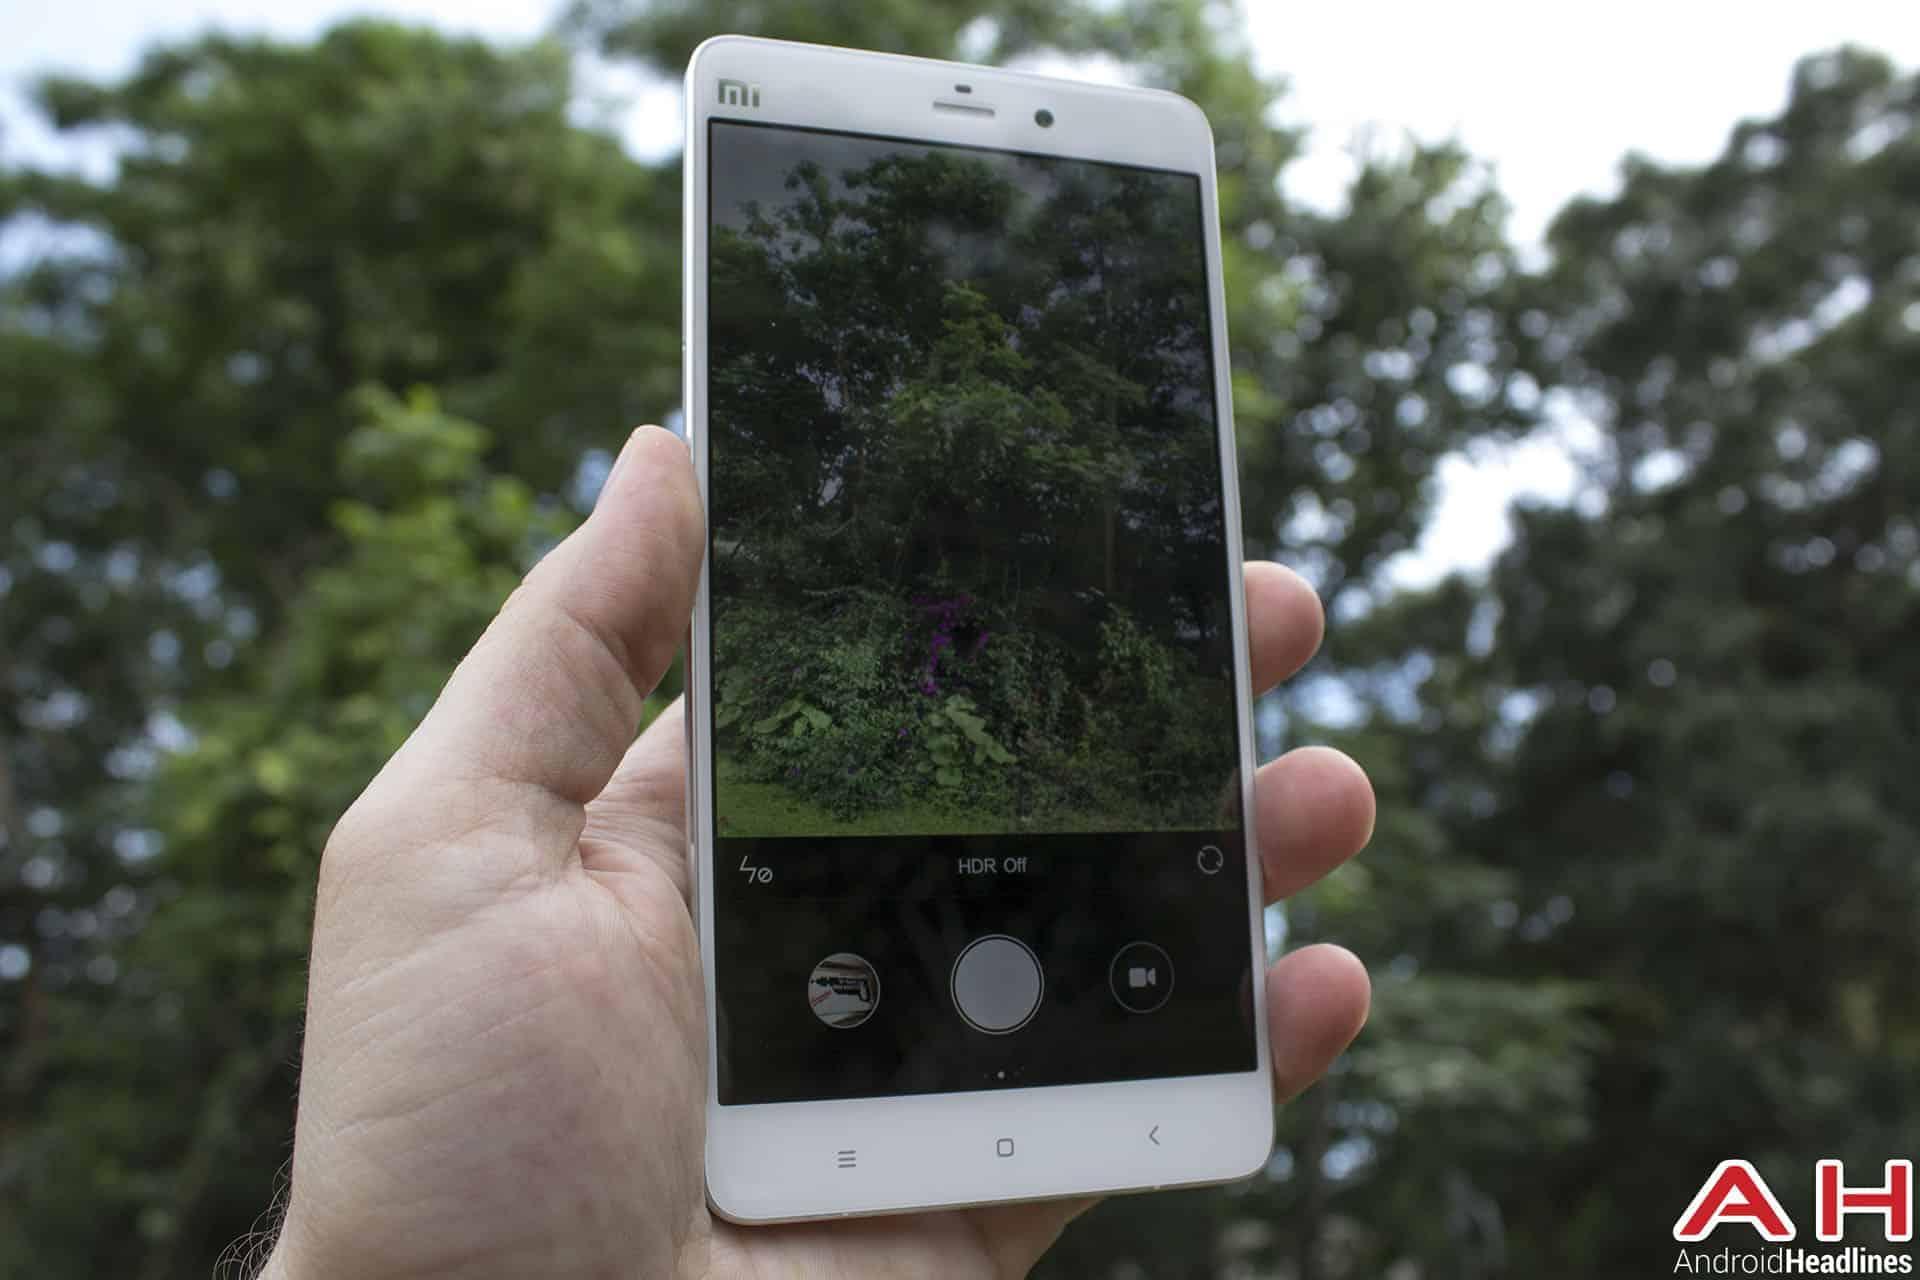 Xiaomi-Mi-Note-Bamboo-cam-1